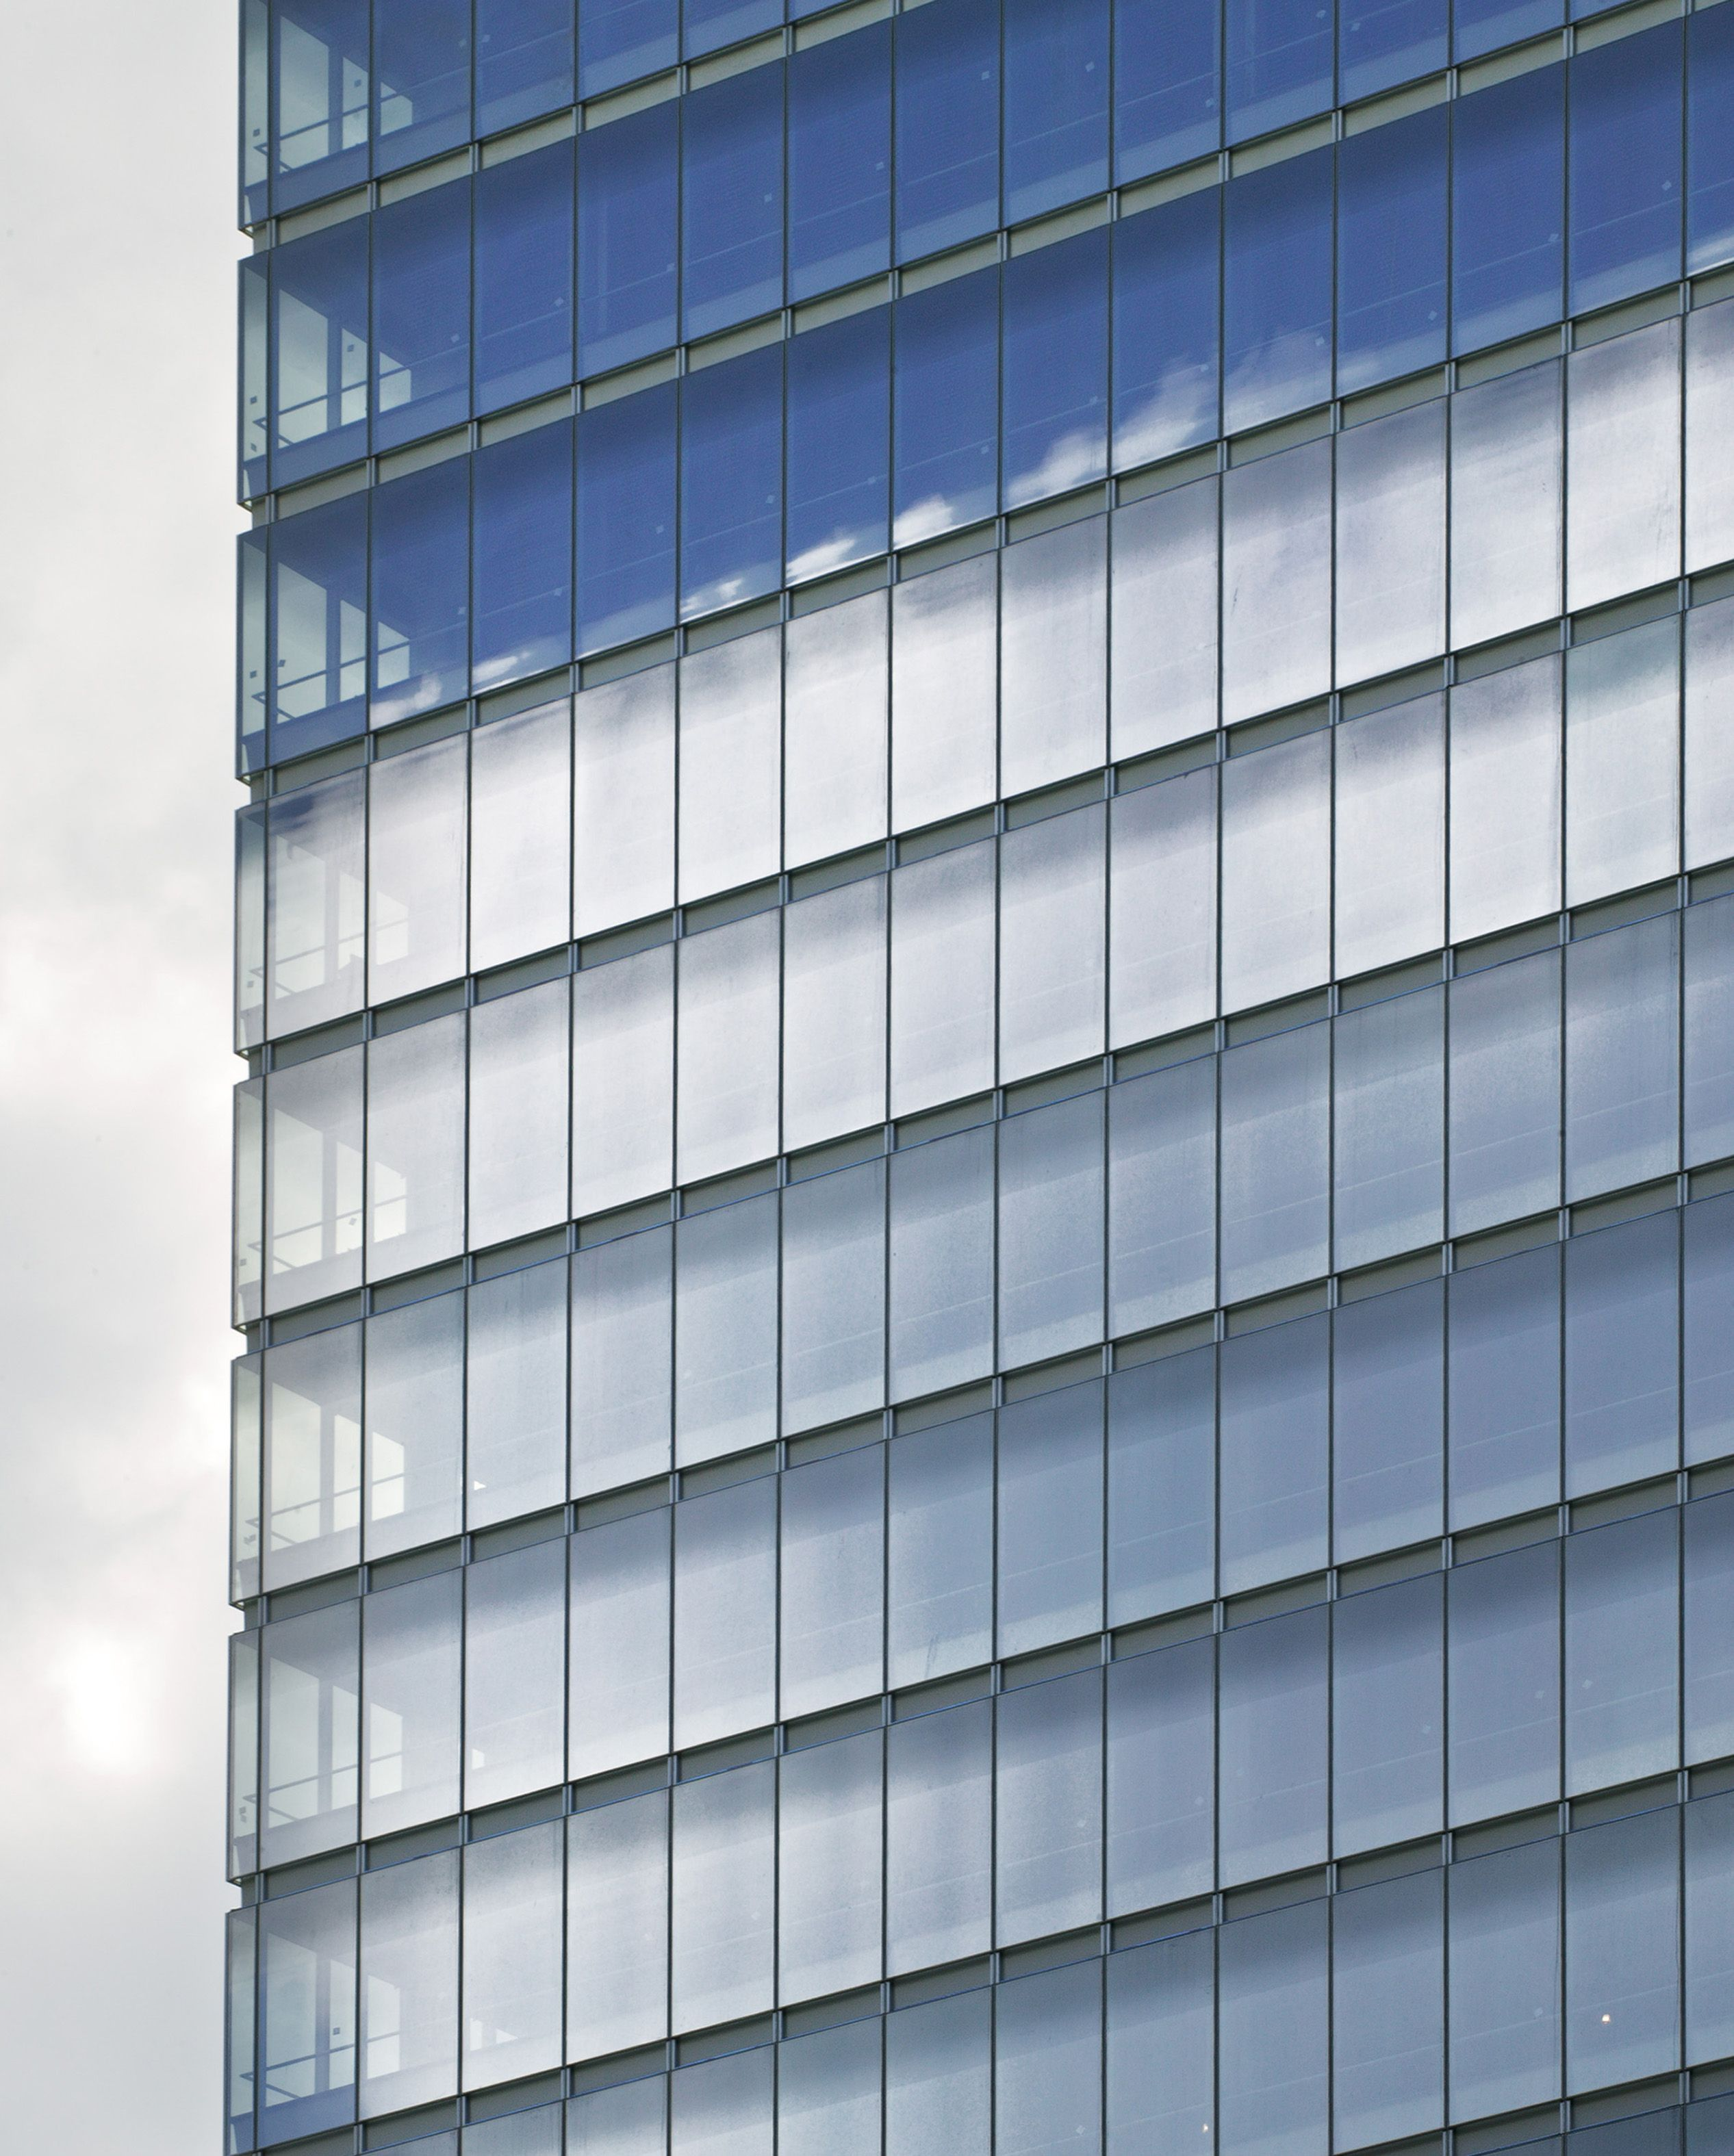 Curtain Wall Texture : Glass curtain wall texture menzilperde